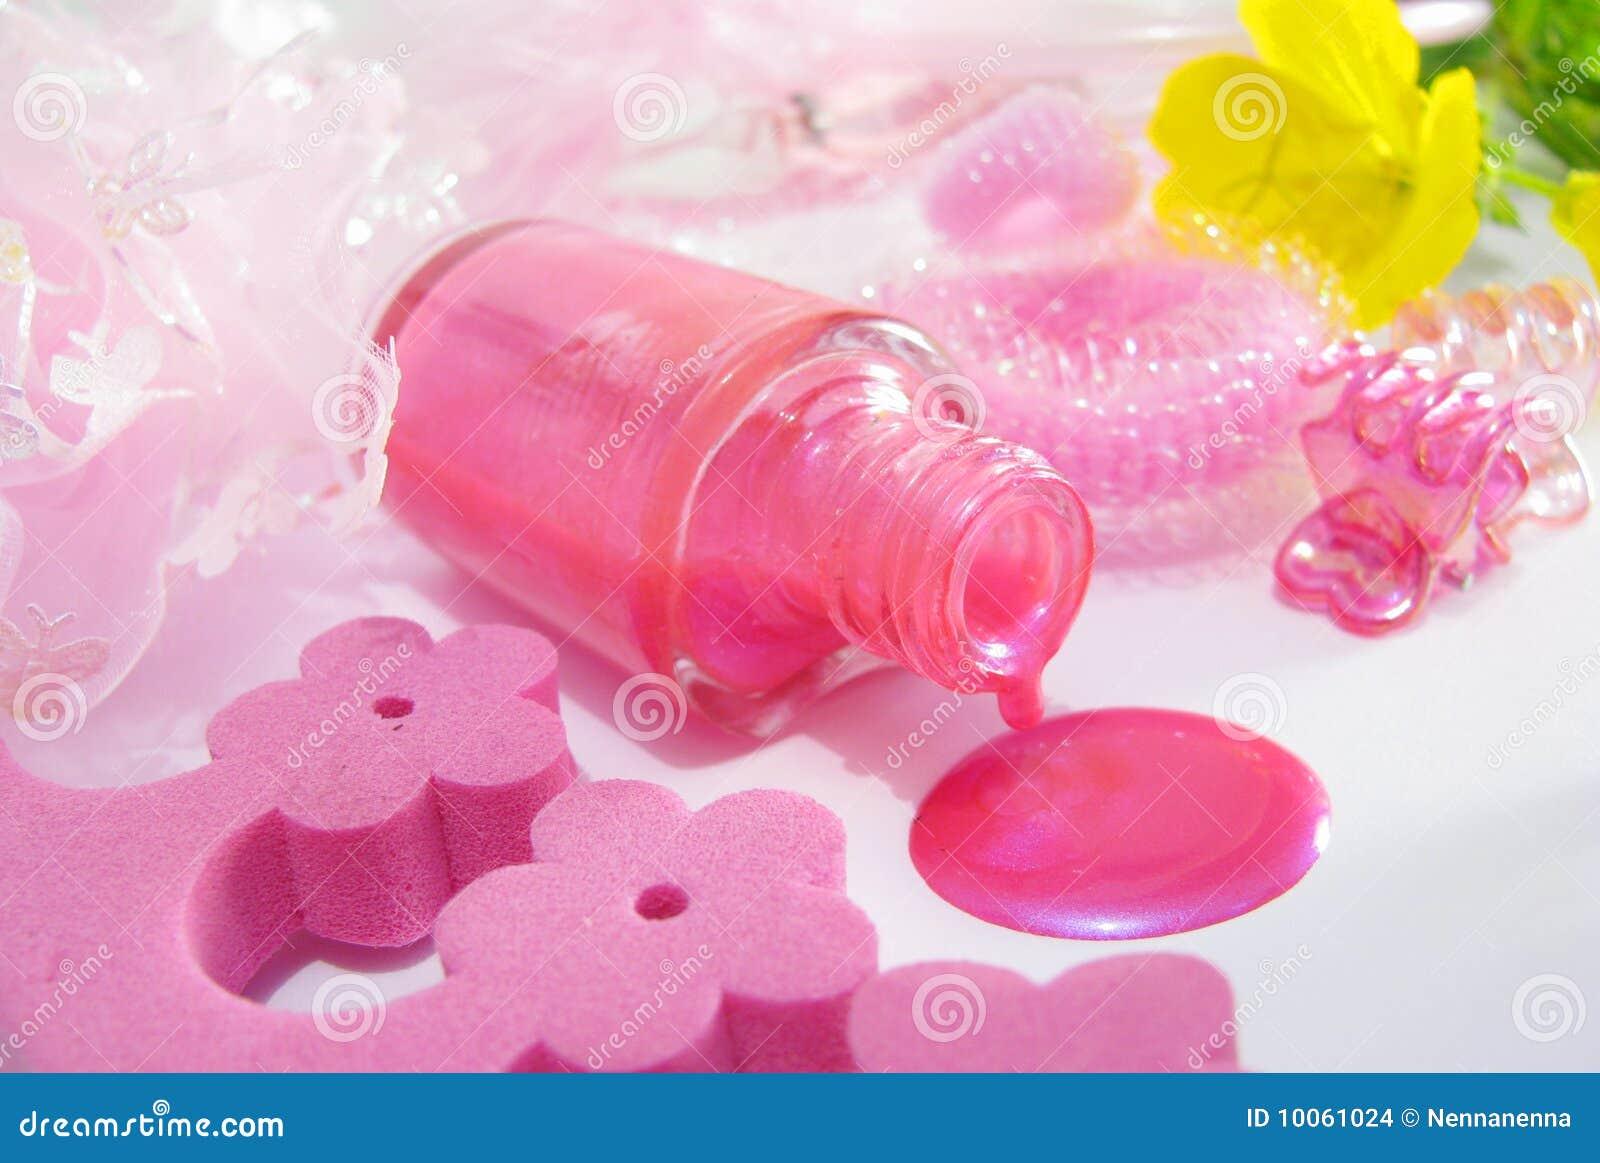 Lustrador de prego cor-de-rosa derramado